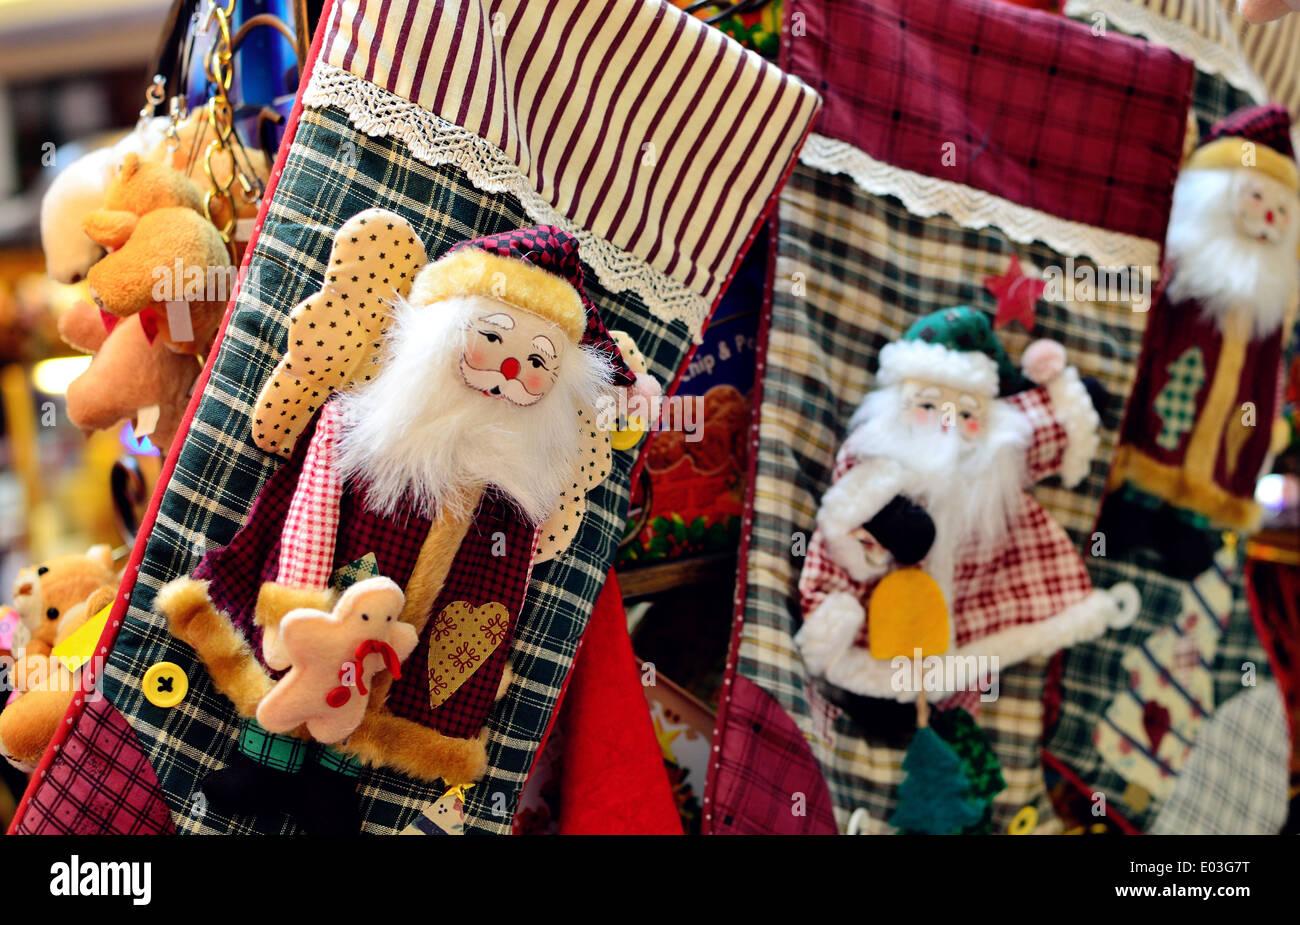 Santa Claus Christmas Stocking - Stock Image